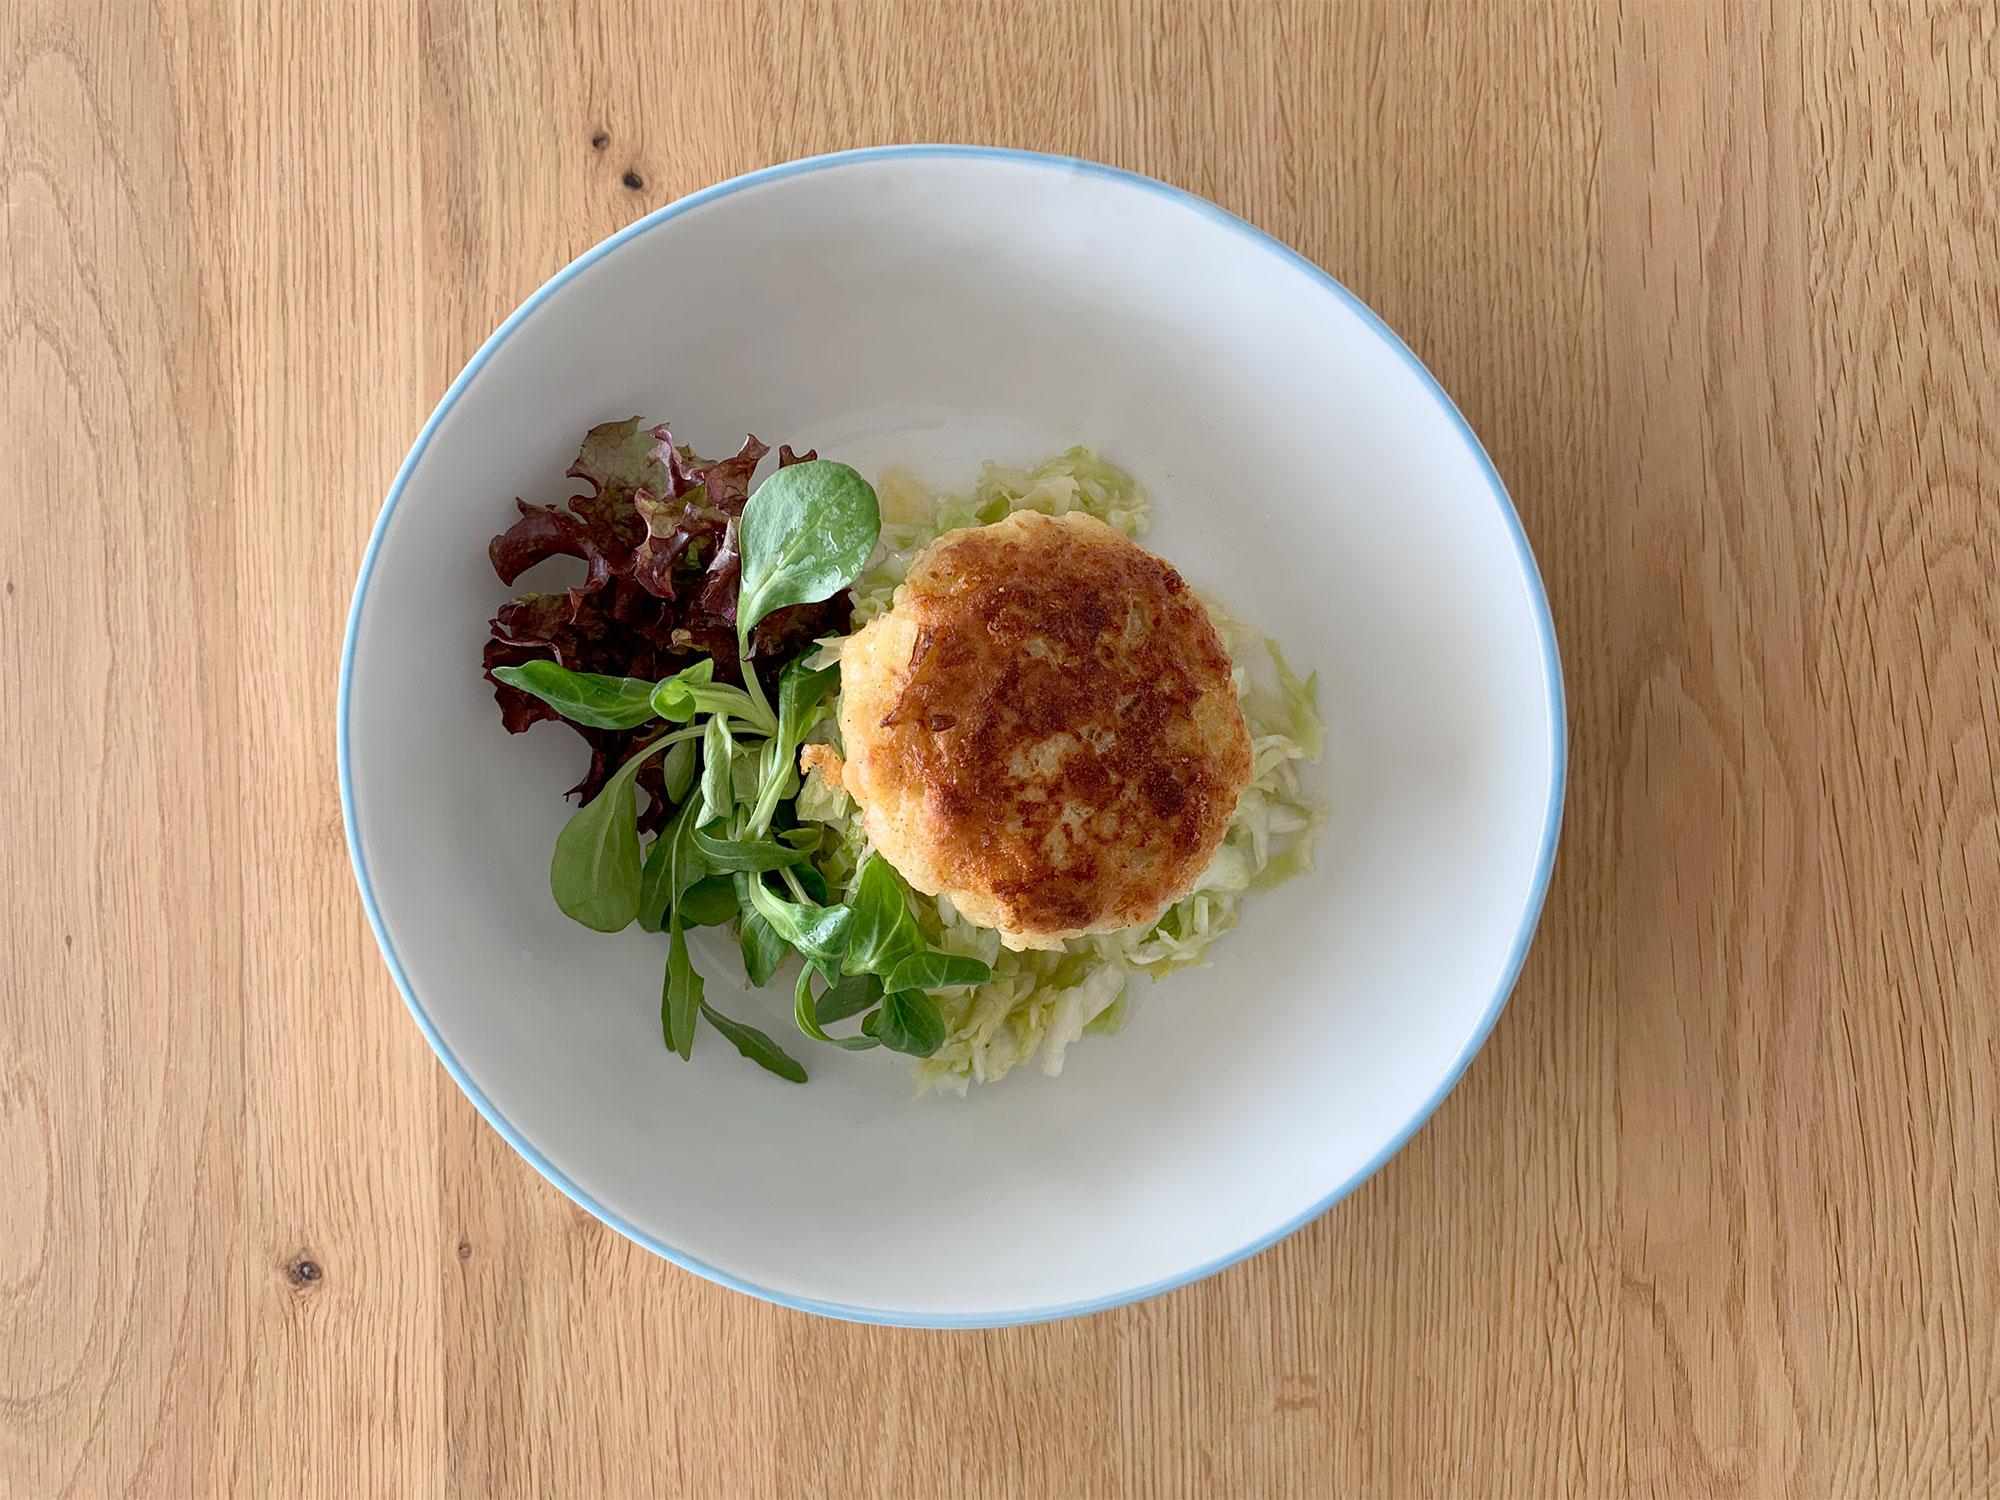 Zu den Kaspreßknödeln passt gut ein Blatt- oder Krautsalat